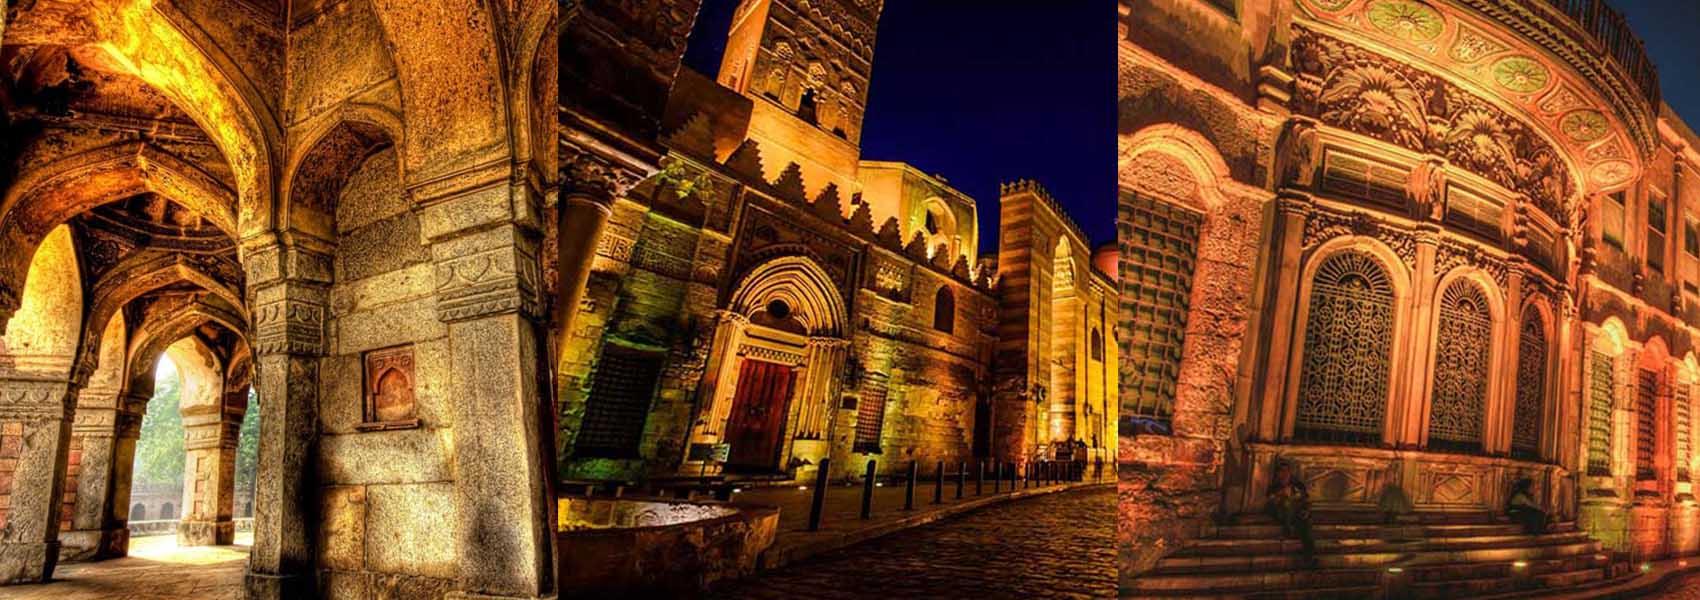 شارع المعز لدين الله القاهرة 4